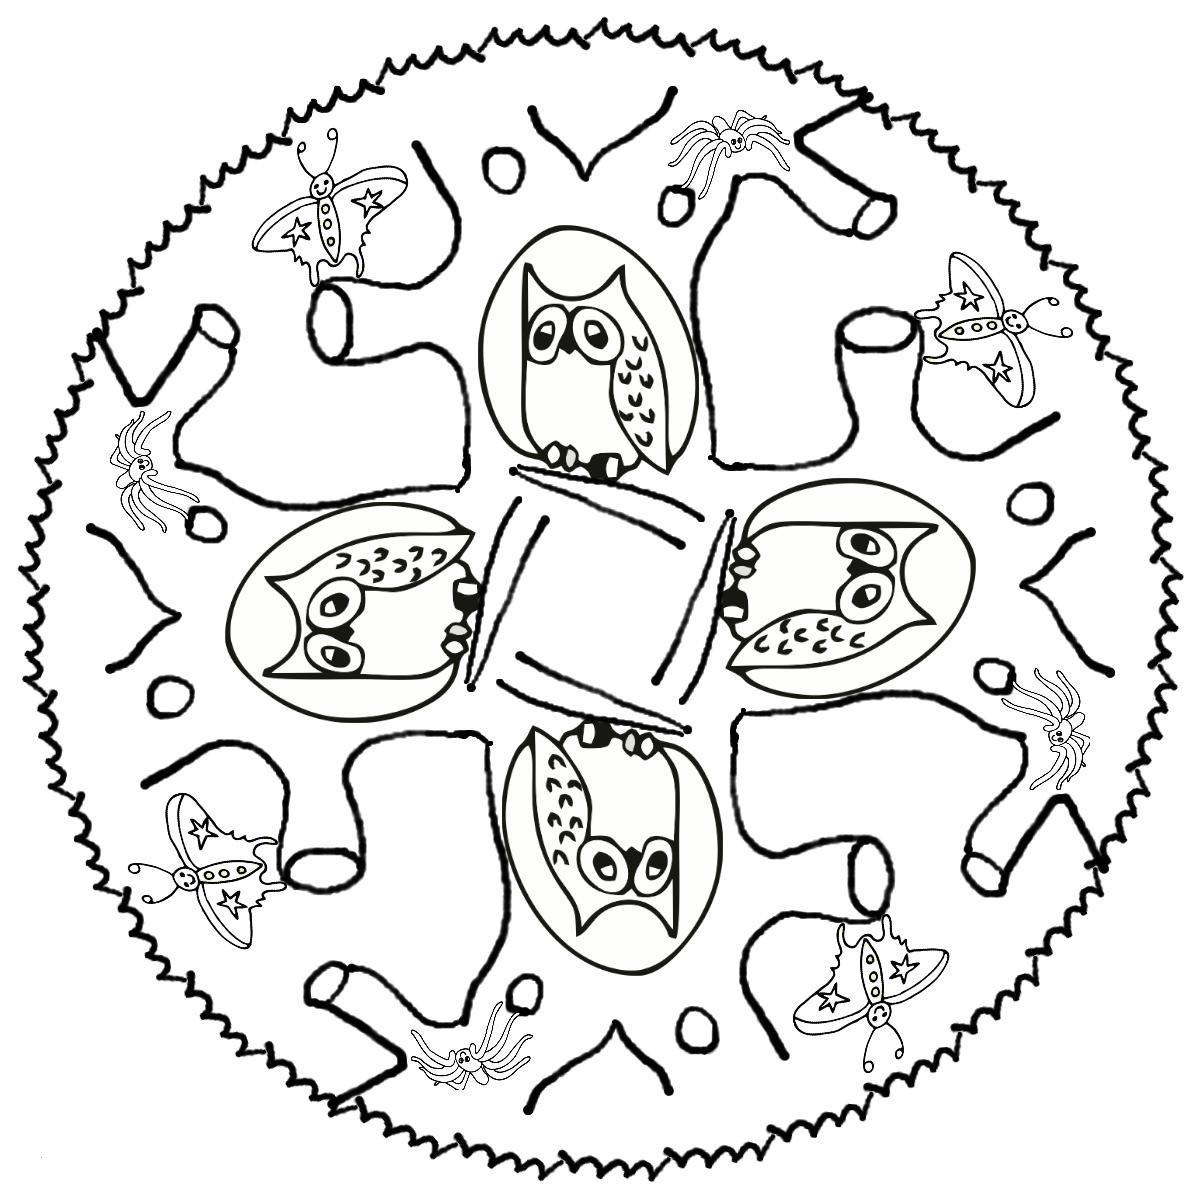 Ausmalbild Mandala Eule Einzigartig 50 Neu Ausmalbilder Zum Ausdrucken Eule Malvorlagen Sammlungen Sammlung